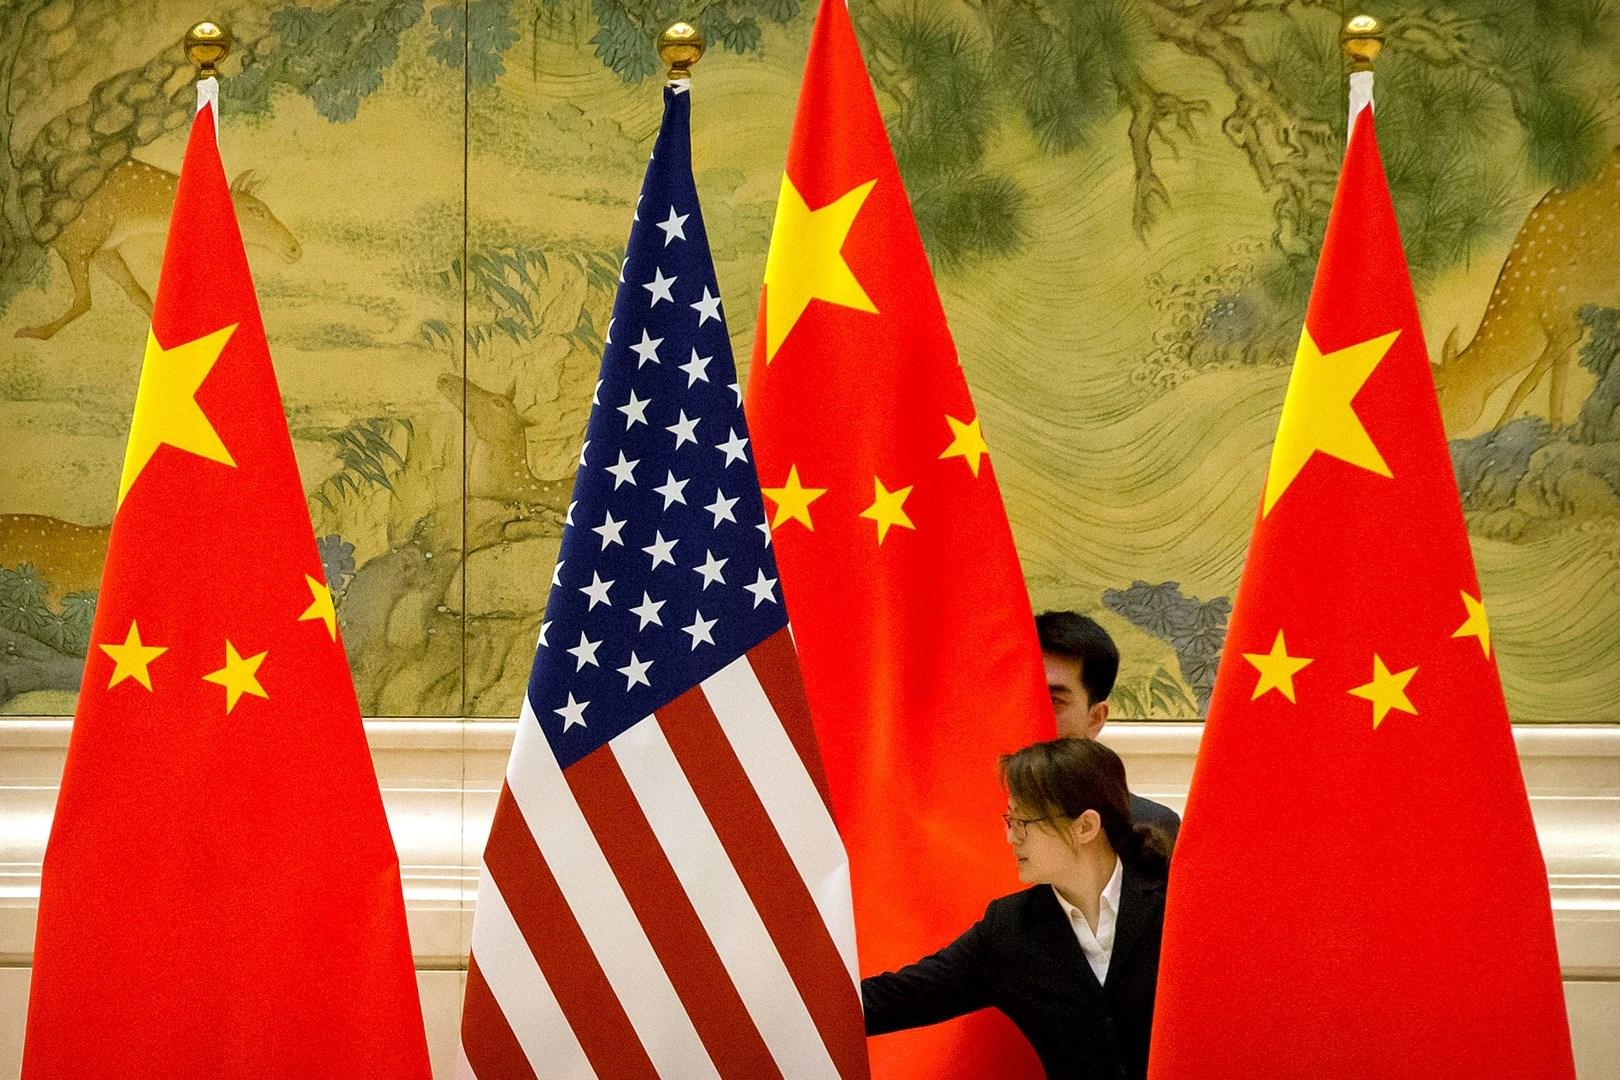 العلاقات الصينية الأميركية تراجعت إلى أدنى مستوياتها منذ عقود بسبب قضايا مثل التجارة والتكنولوجيا